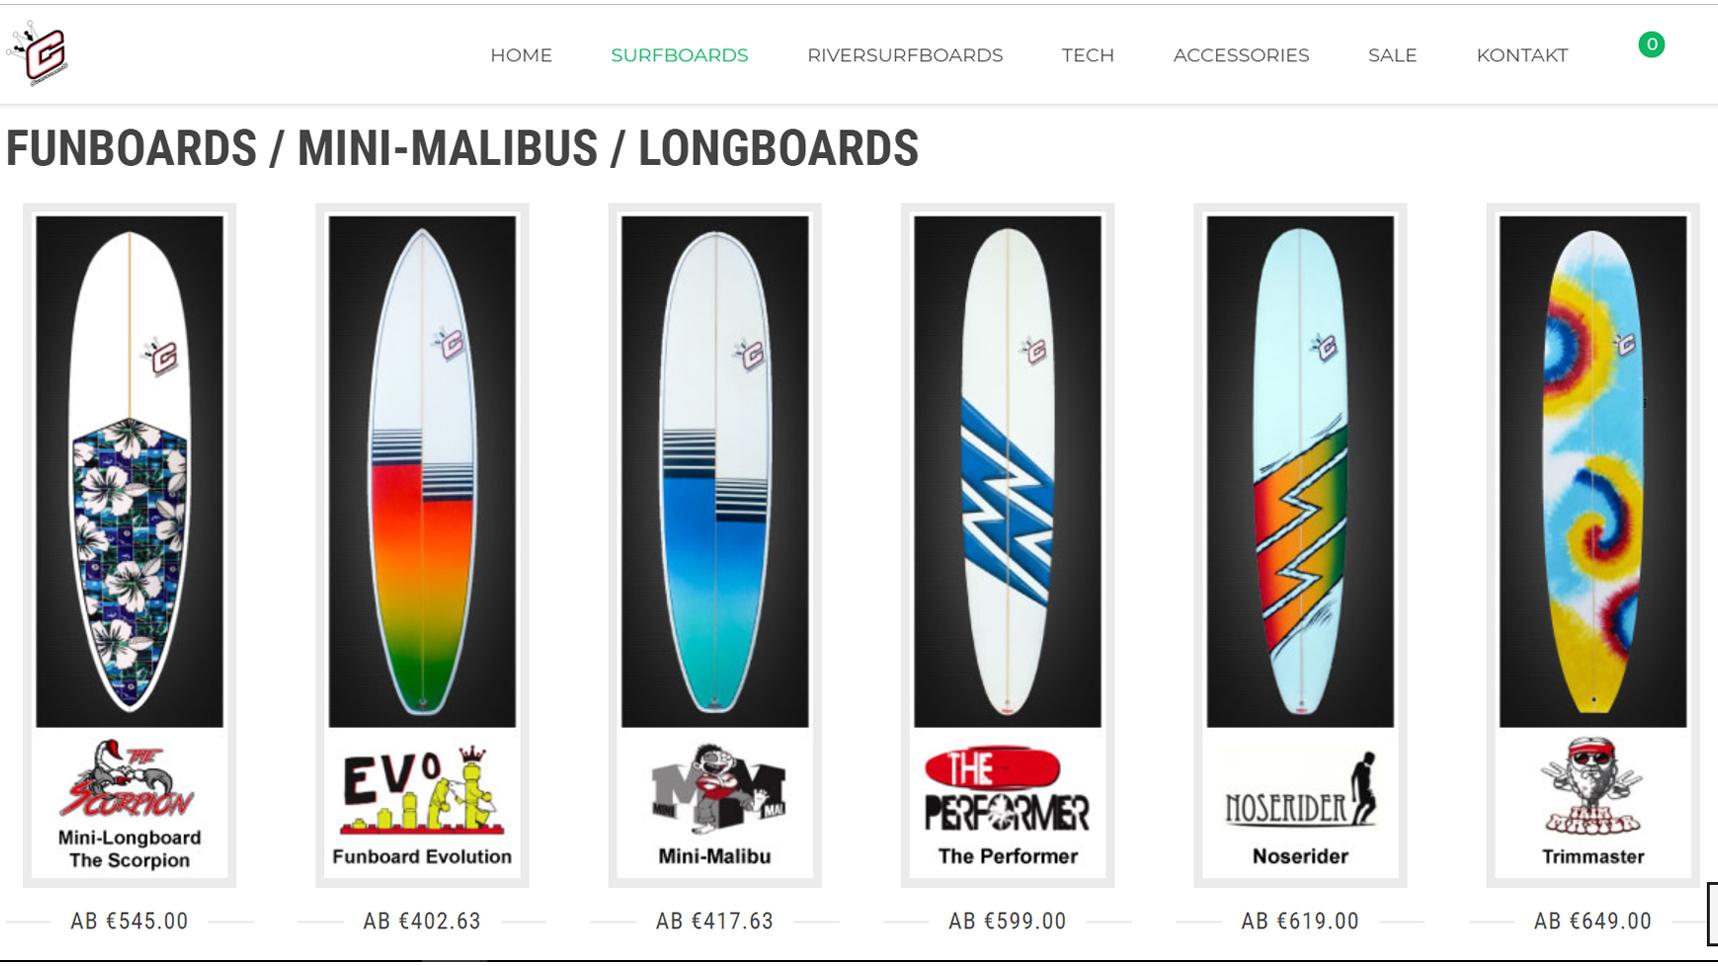 surfboard auswahl im clayton shop bei funboards und malibus